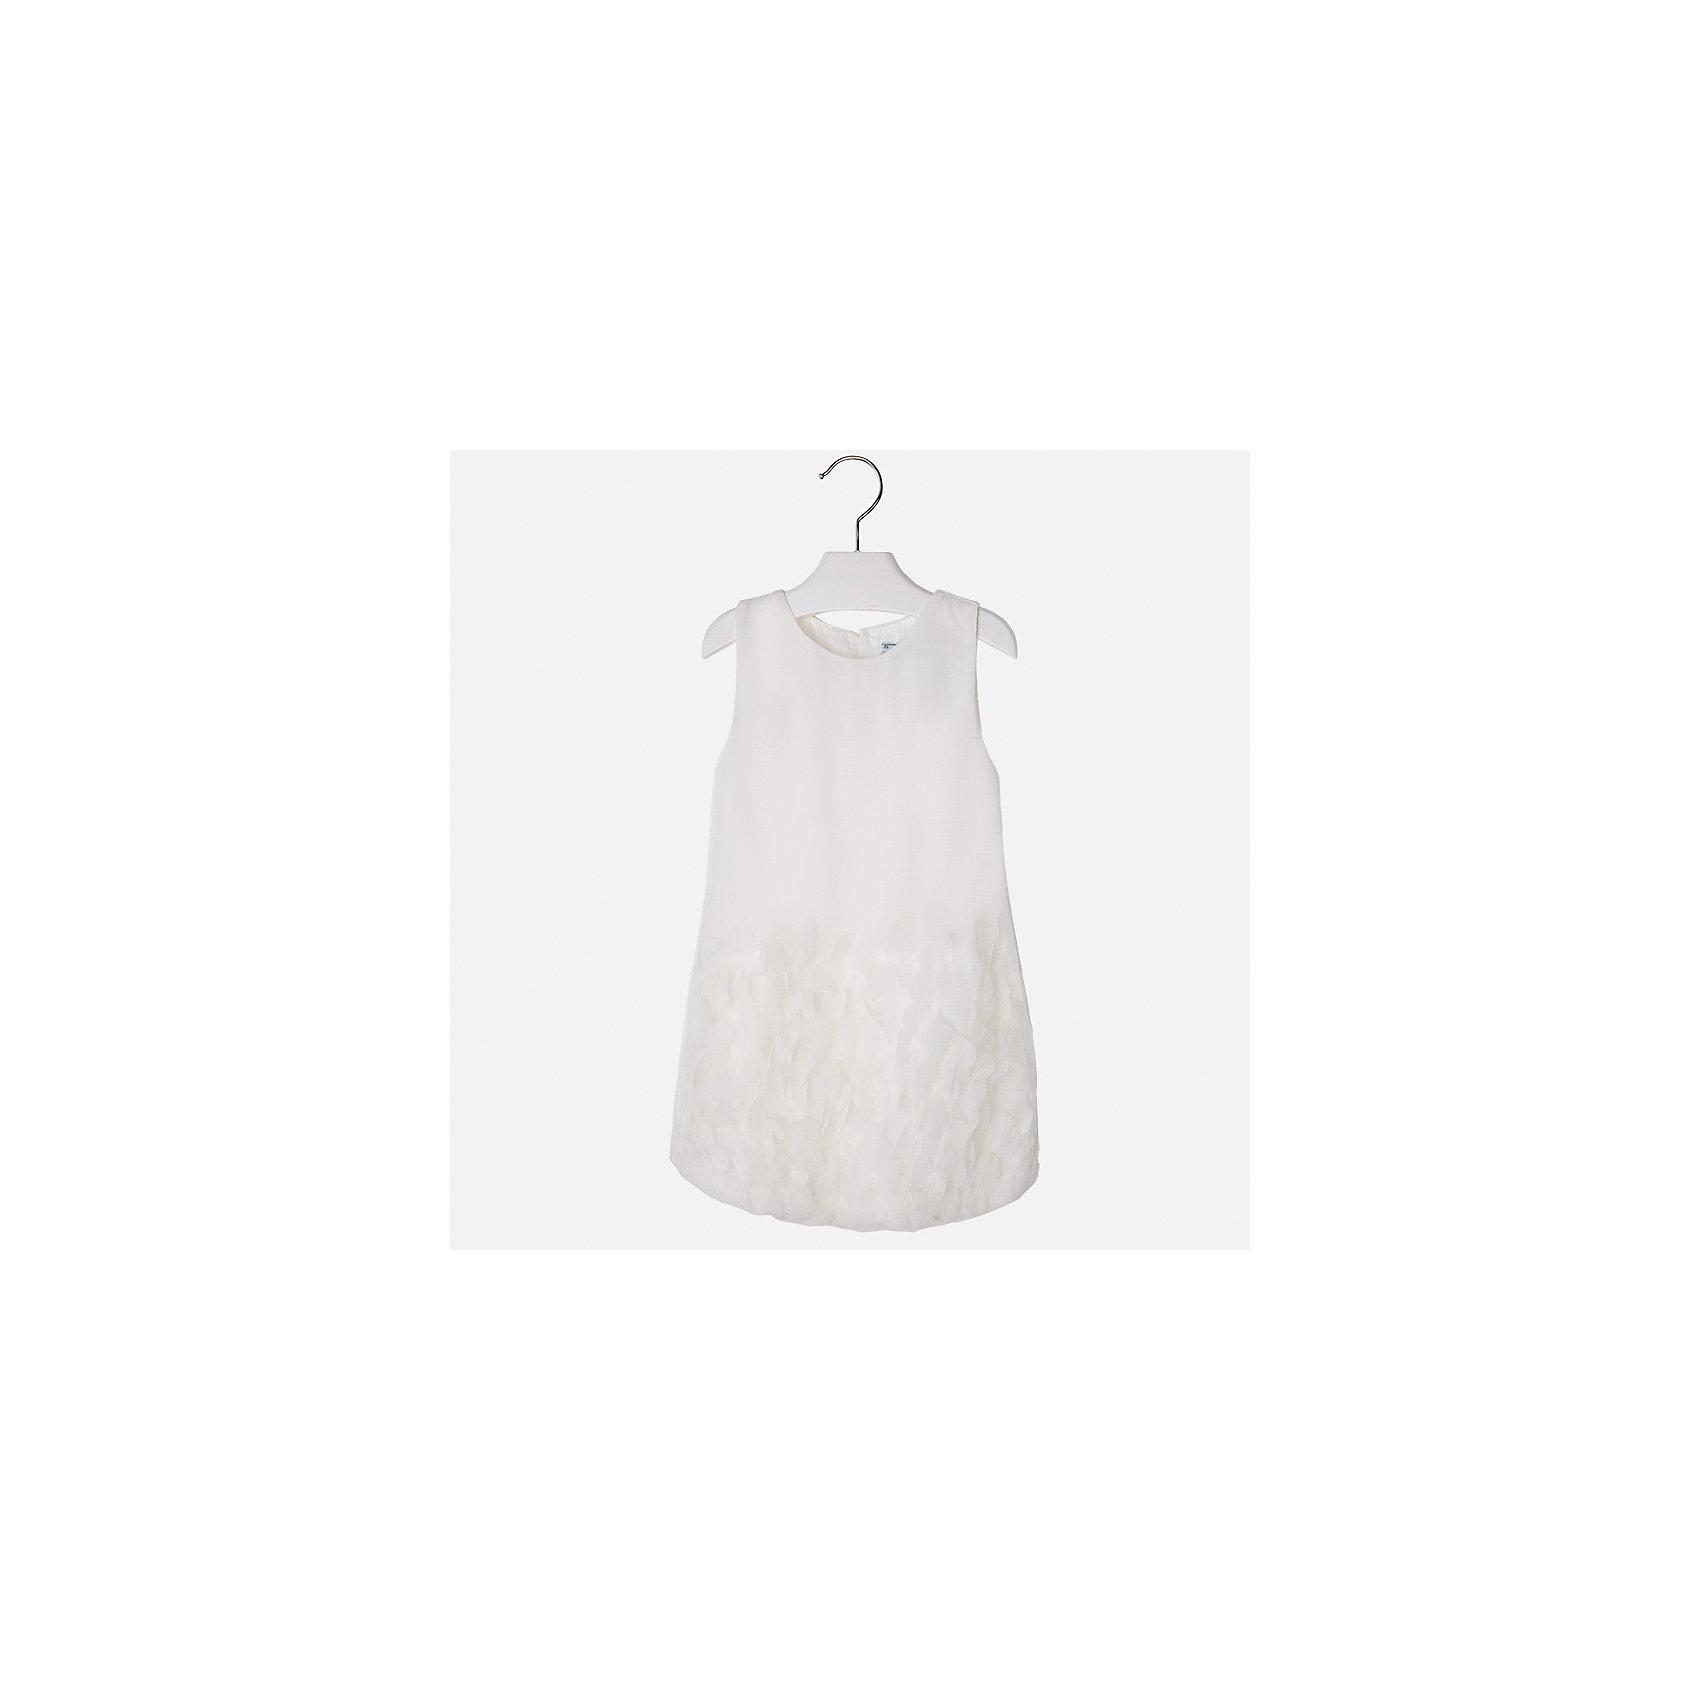 Платье для девочки MayoralХарактеристики товара:<br><br>• цвет: белый<br>• состав: 100% полиэстер, подкладка - 65% полиэстер, 35% хлопок<br>• застежка: молния<br>• легкий материал<br>• объемные элементы на подоле<br>• без рукавов<br>• с подкладкой<br>• страна бренда: Испания<br><br>Эффектное платье для девочки поможет разнообразить гардероб ребенка и создать эффектный наряд. Оно отлично подойдет и для торжественных случаев. Красивый оттенок позволяет подобрать к вещи обувь разных расцветок. В составе материала подкладки - натуральный хлопок, гипоаллергенный, приятный на ощупь, дышащий. Платье хорошо сидит по фигуре.<br><br>Одежда, обувь и аксессуары от испанского бренда Mayoral полюбились детям и взрослым по всему миру. Модели этой марки - стильные и удобные. Для их производства используются только безопасные, качественные материалы и фурнитура. Порадуйте ребенка модными и красивыми вещами от Mayoral! <br><br>Платье для девочки от испанского бренда Mayoral (Майорал) можно купить в нашем интернет-магазине.<br><br>Ширина мм: 236<br>Глубина мм: 16<br>Высота мм: 184<br>Вес г: 177<br>Цвет: белый<br>Возраст от месяцев: 96<br>Возраст до месяцев: 108<br>Пол: Женский<br>Возраст: Детский<br>Размер: 134,92,98,104,110,116,122,128<br>SKU: 5291180